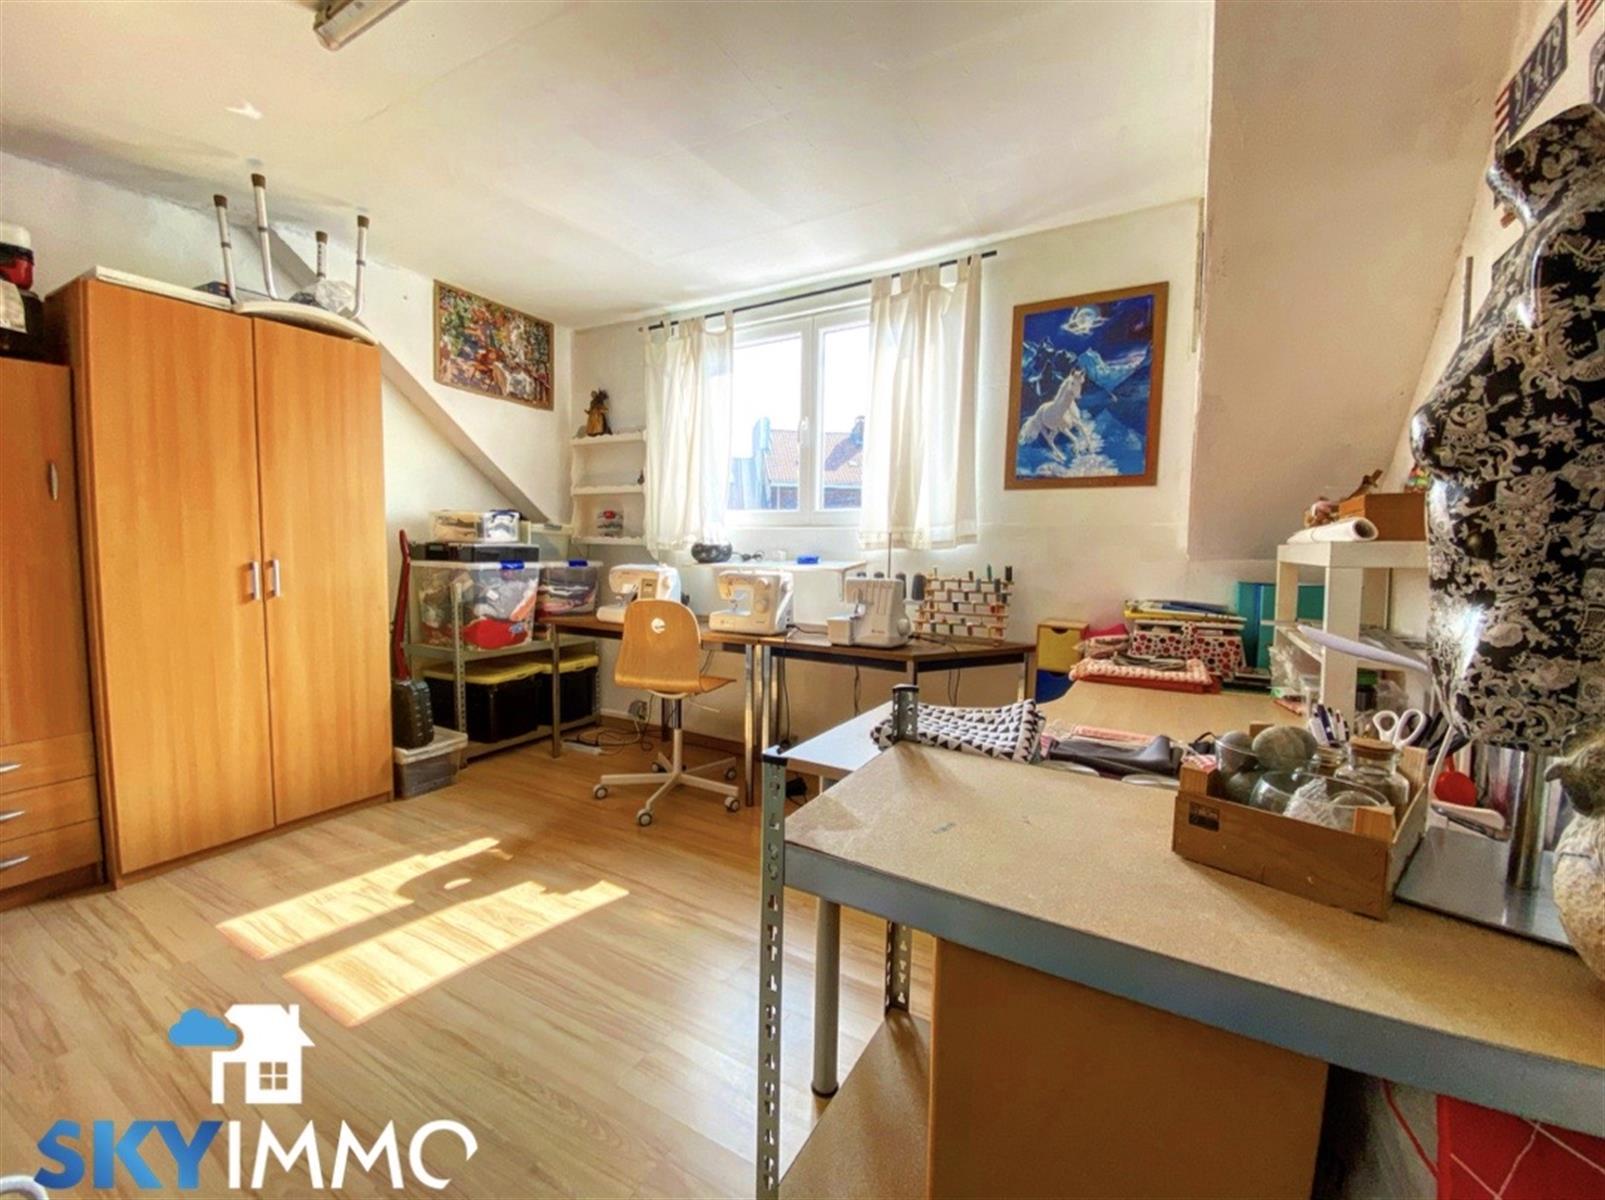 Maison - Liege - #4147640-25